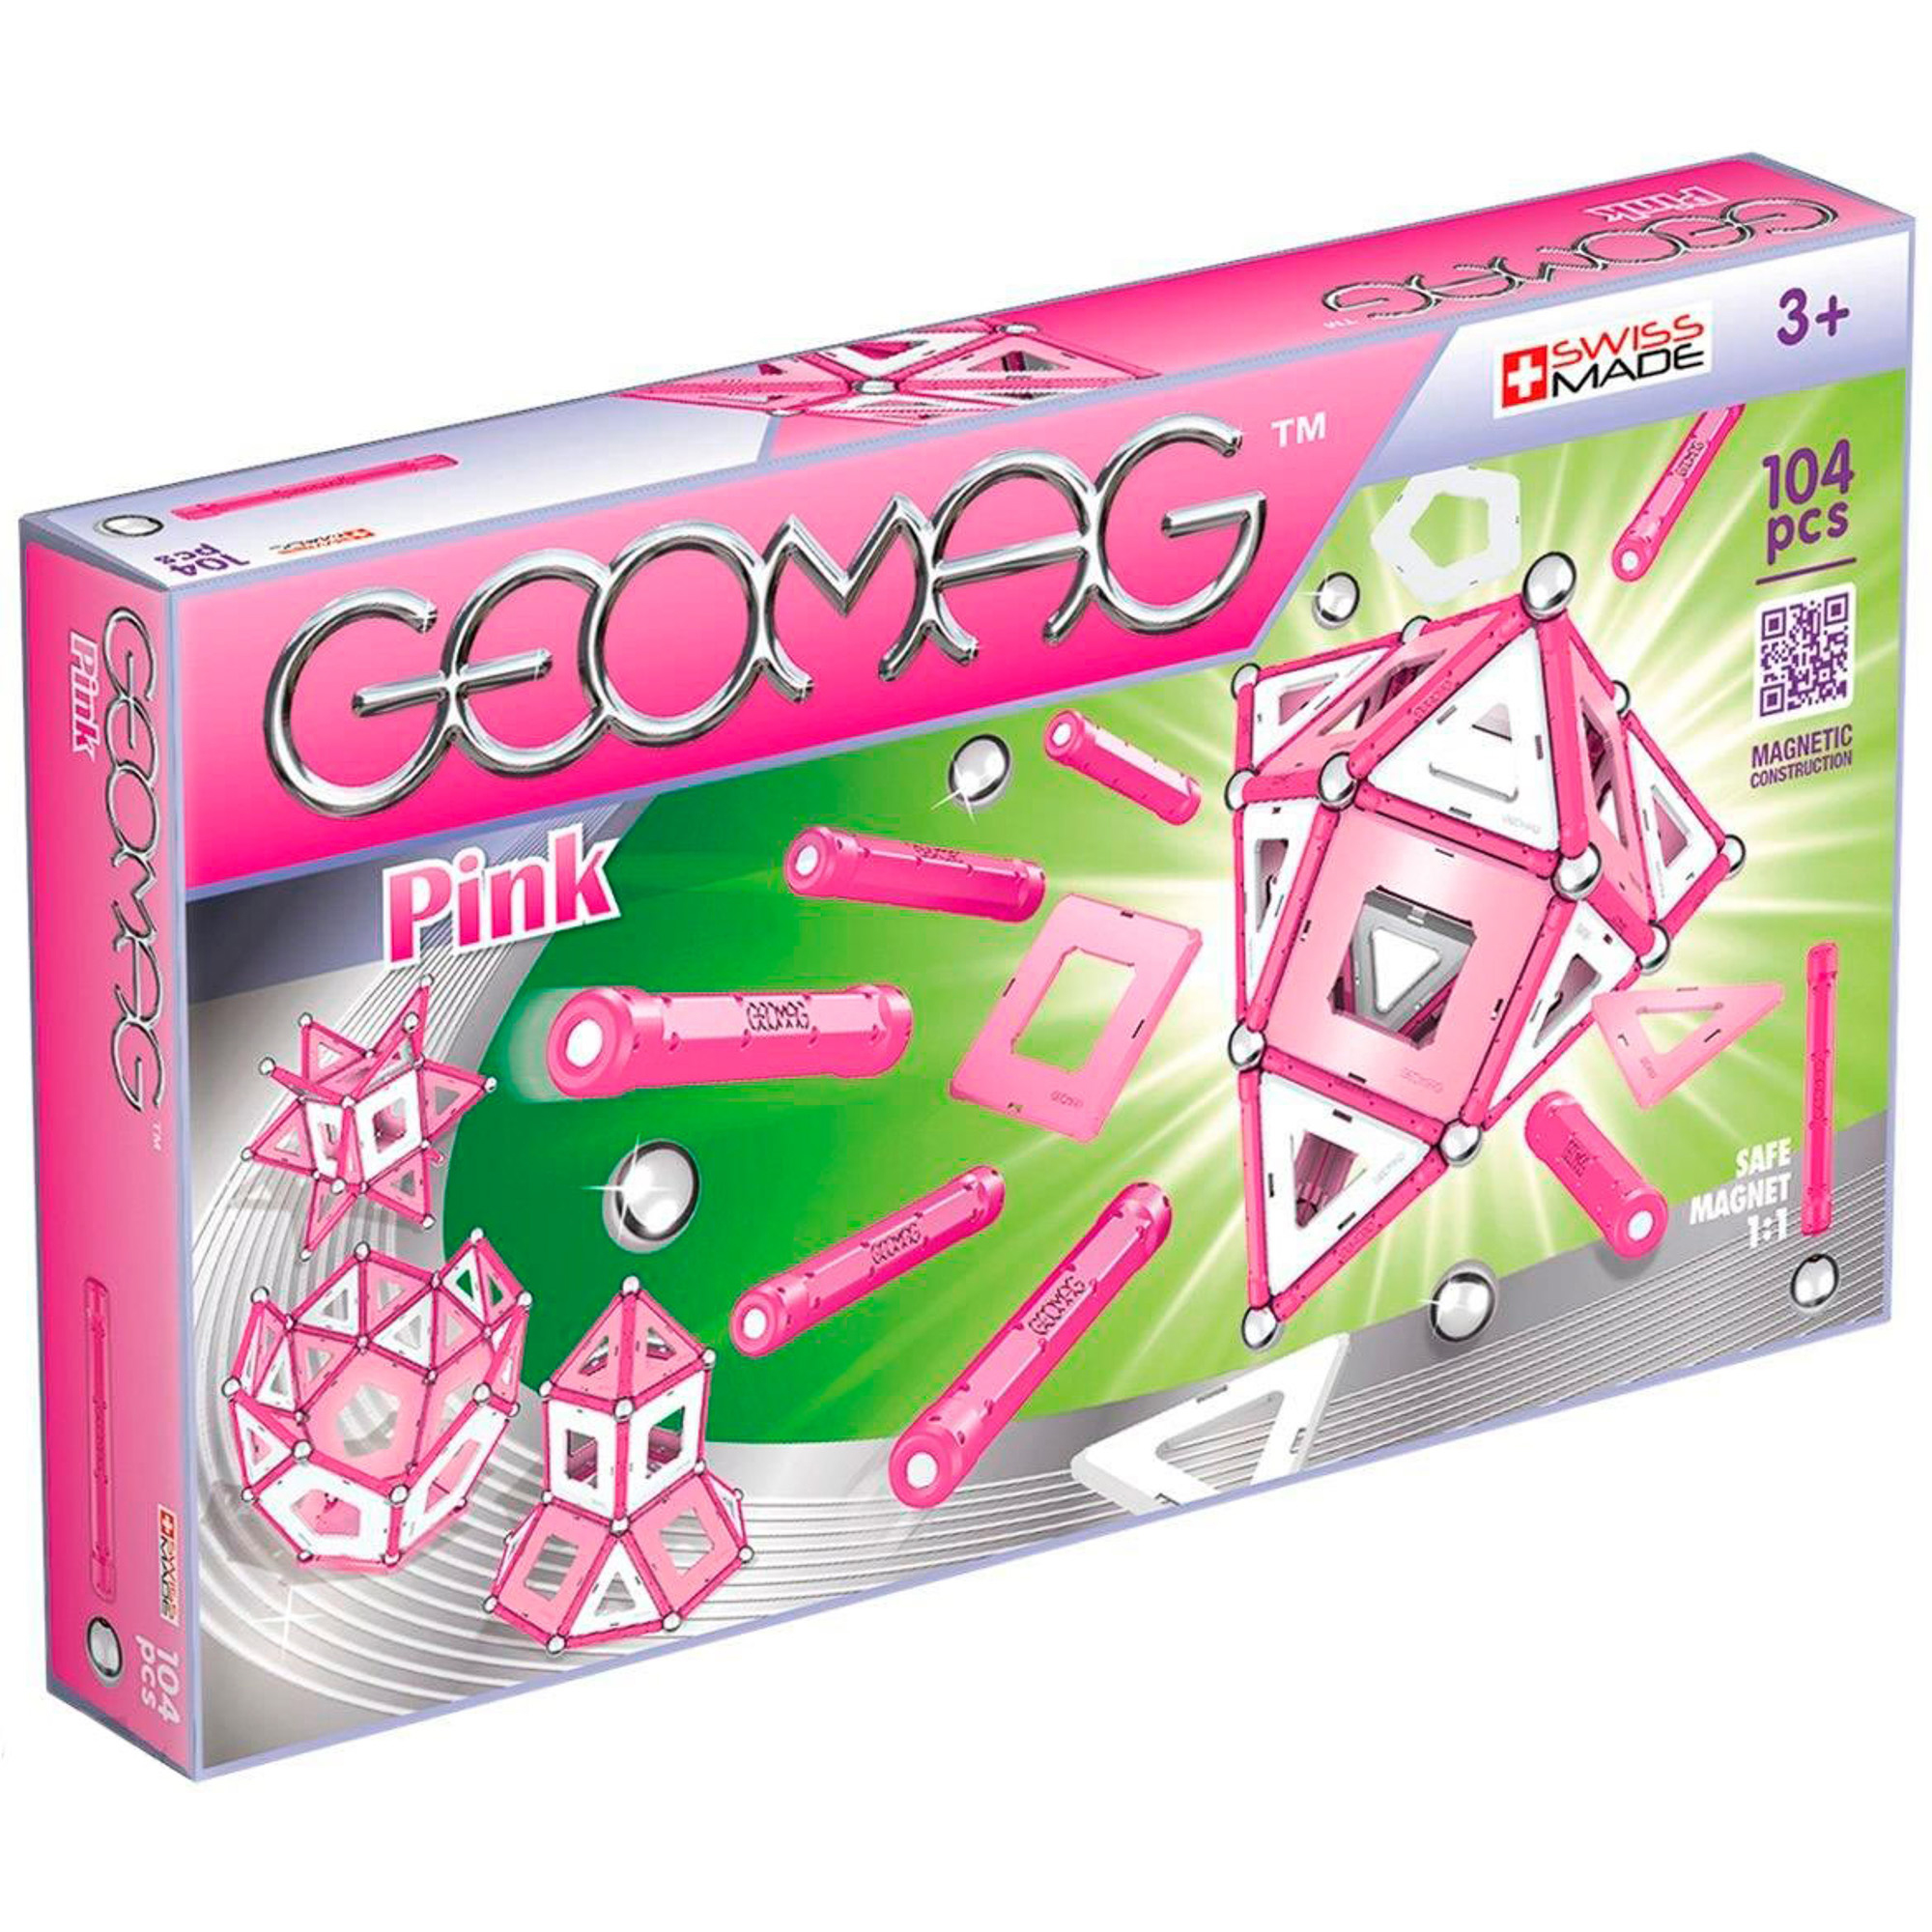 Купить Конструктор магнитный Geomag Glow 344 Pink, Швейцария, пластик, металл, магнит, универсальный, Конструкторы, пазлы